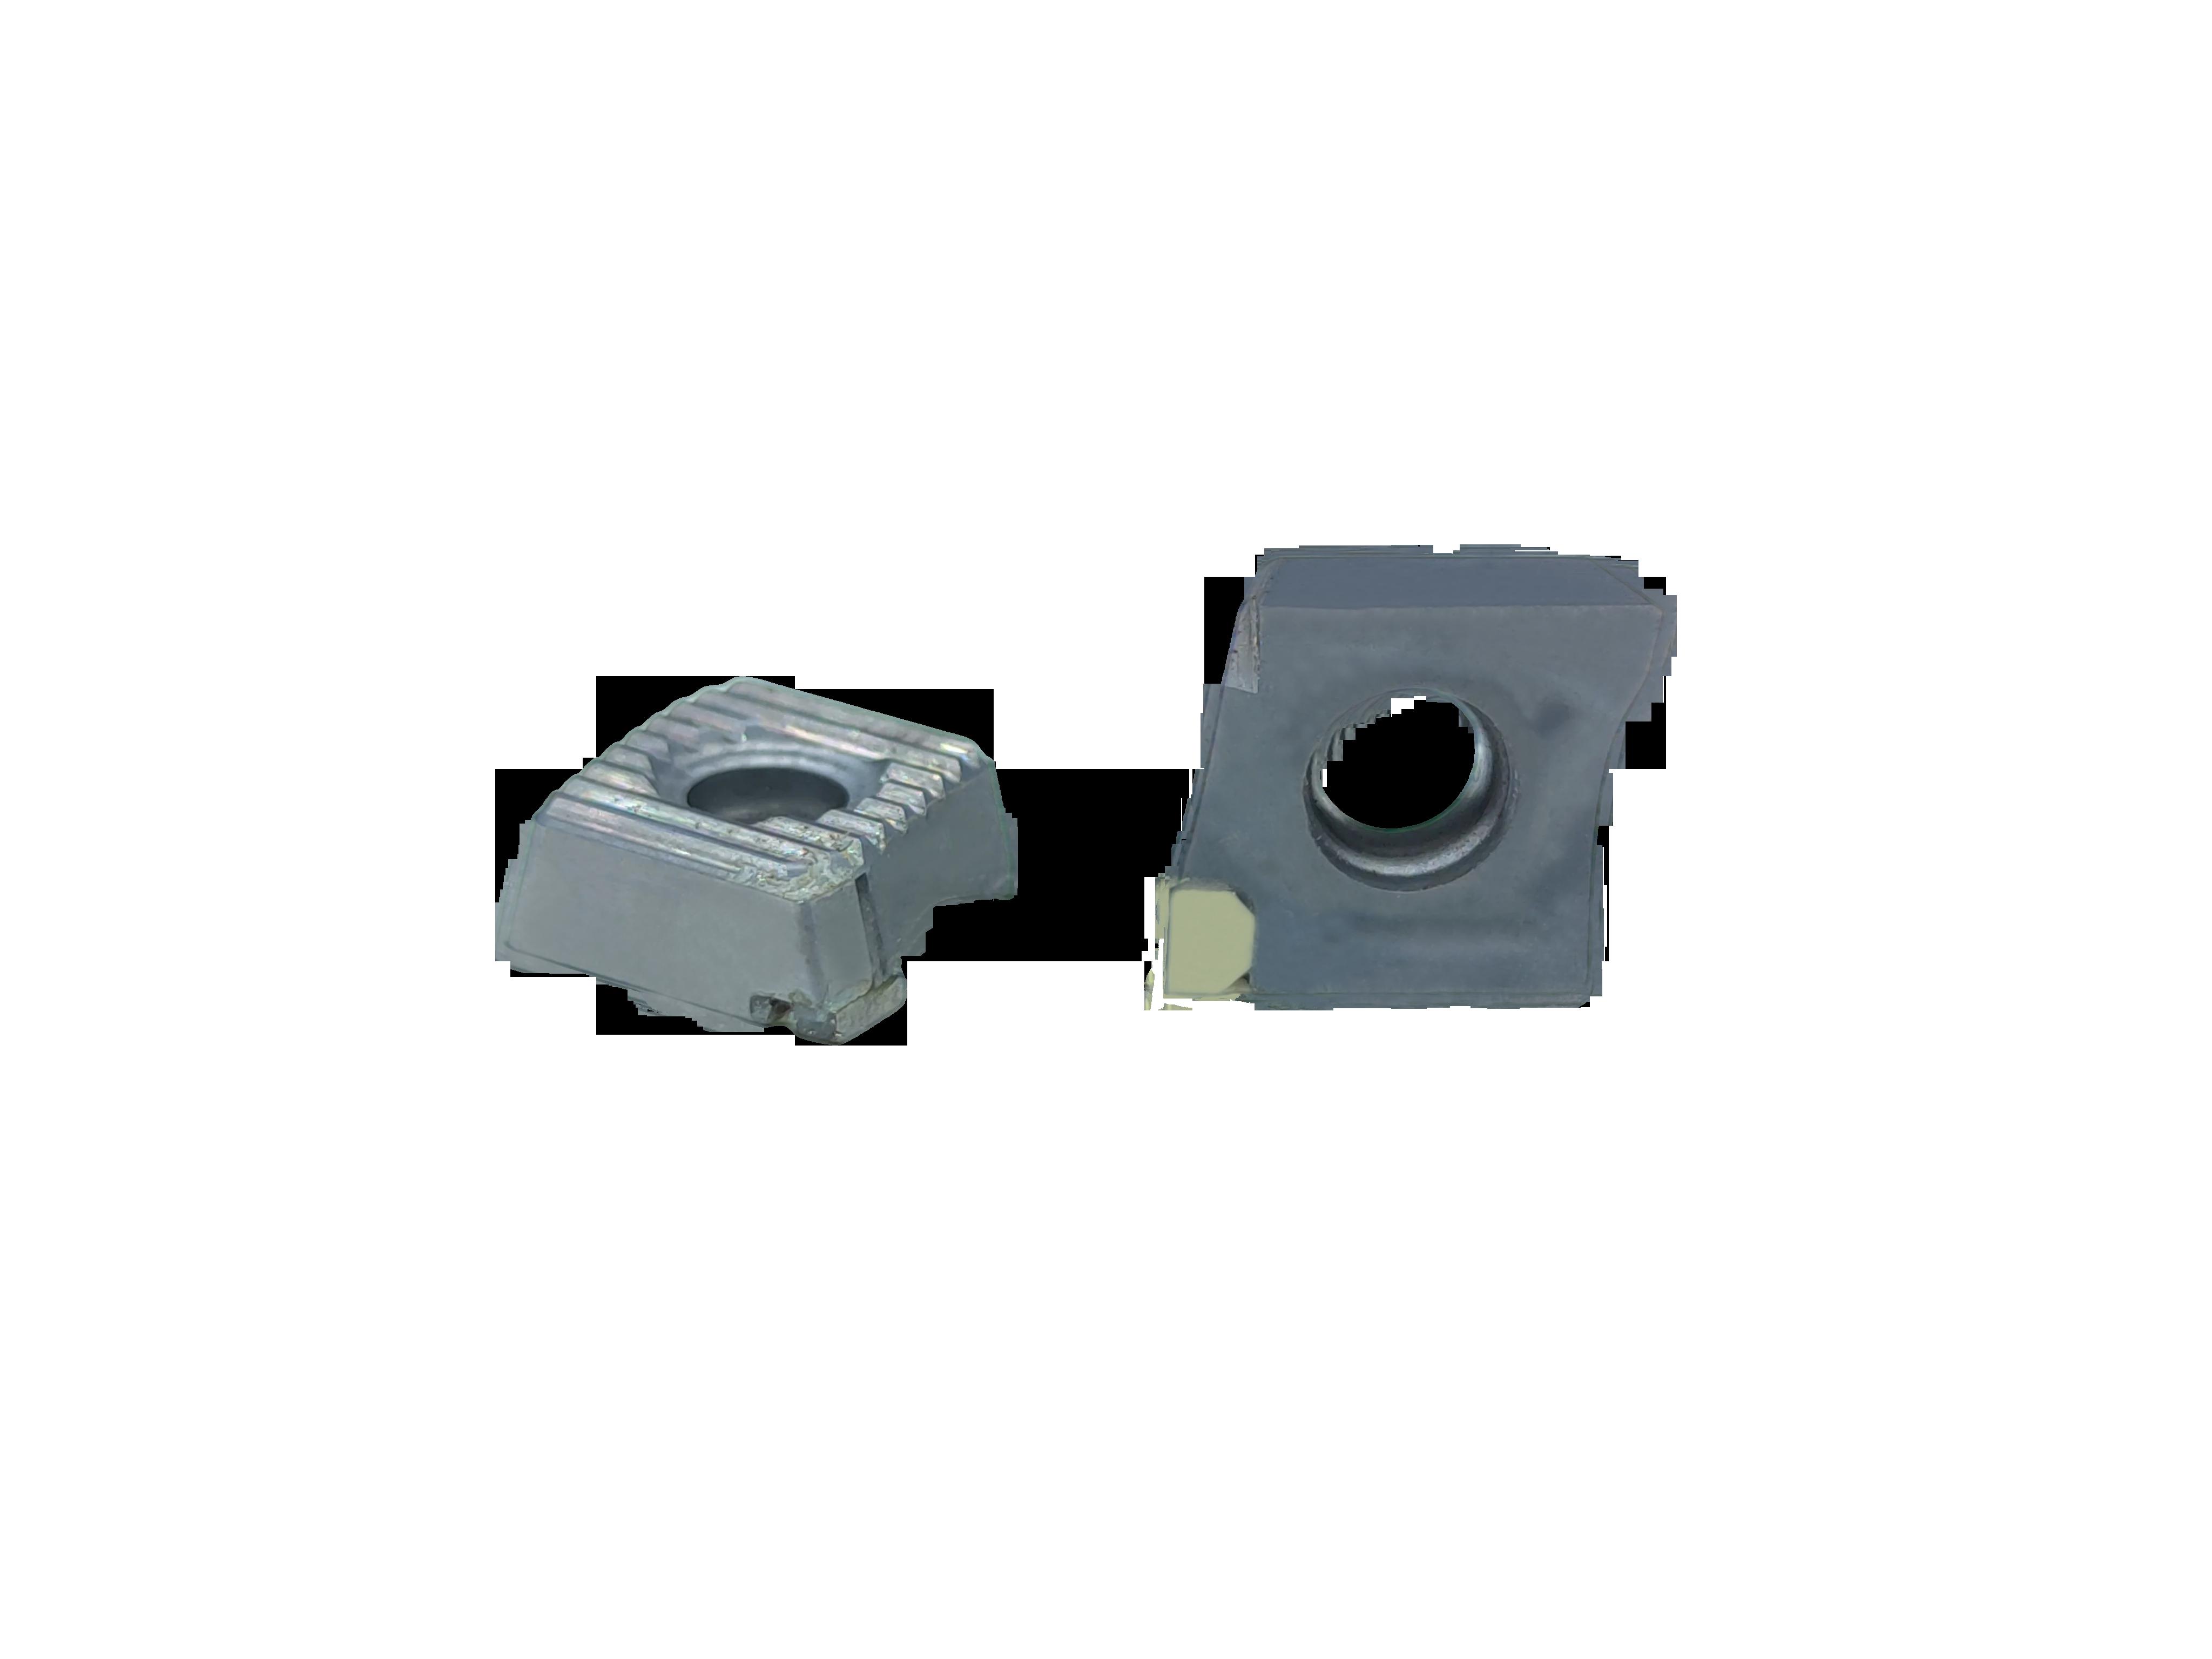 单晶金刚石铣刀性能特点以及应用领域